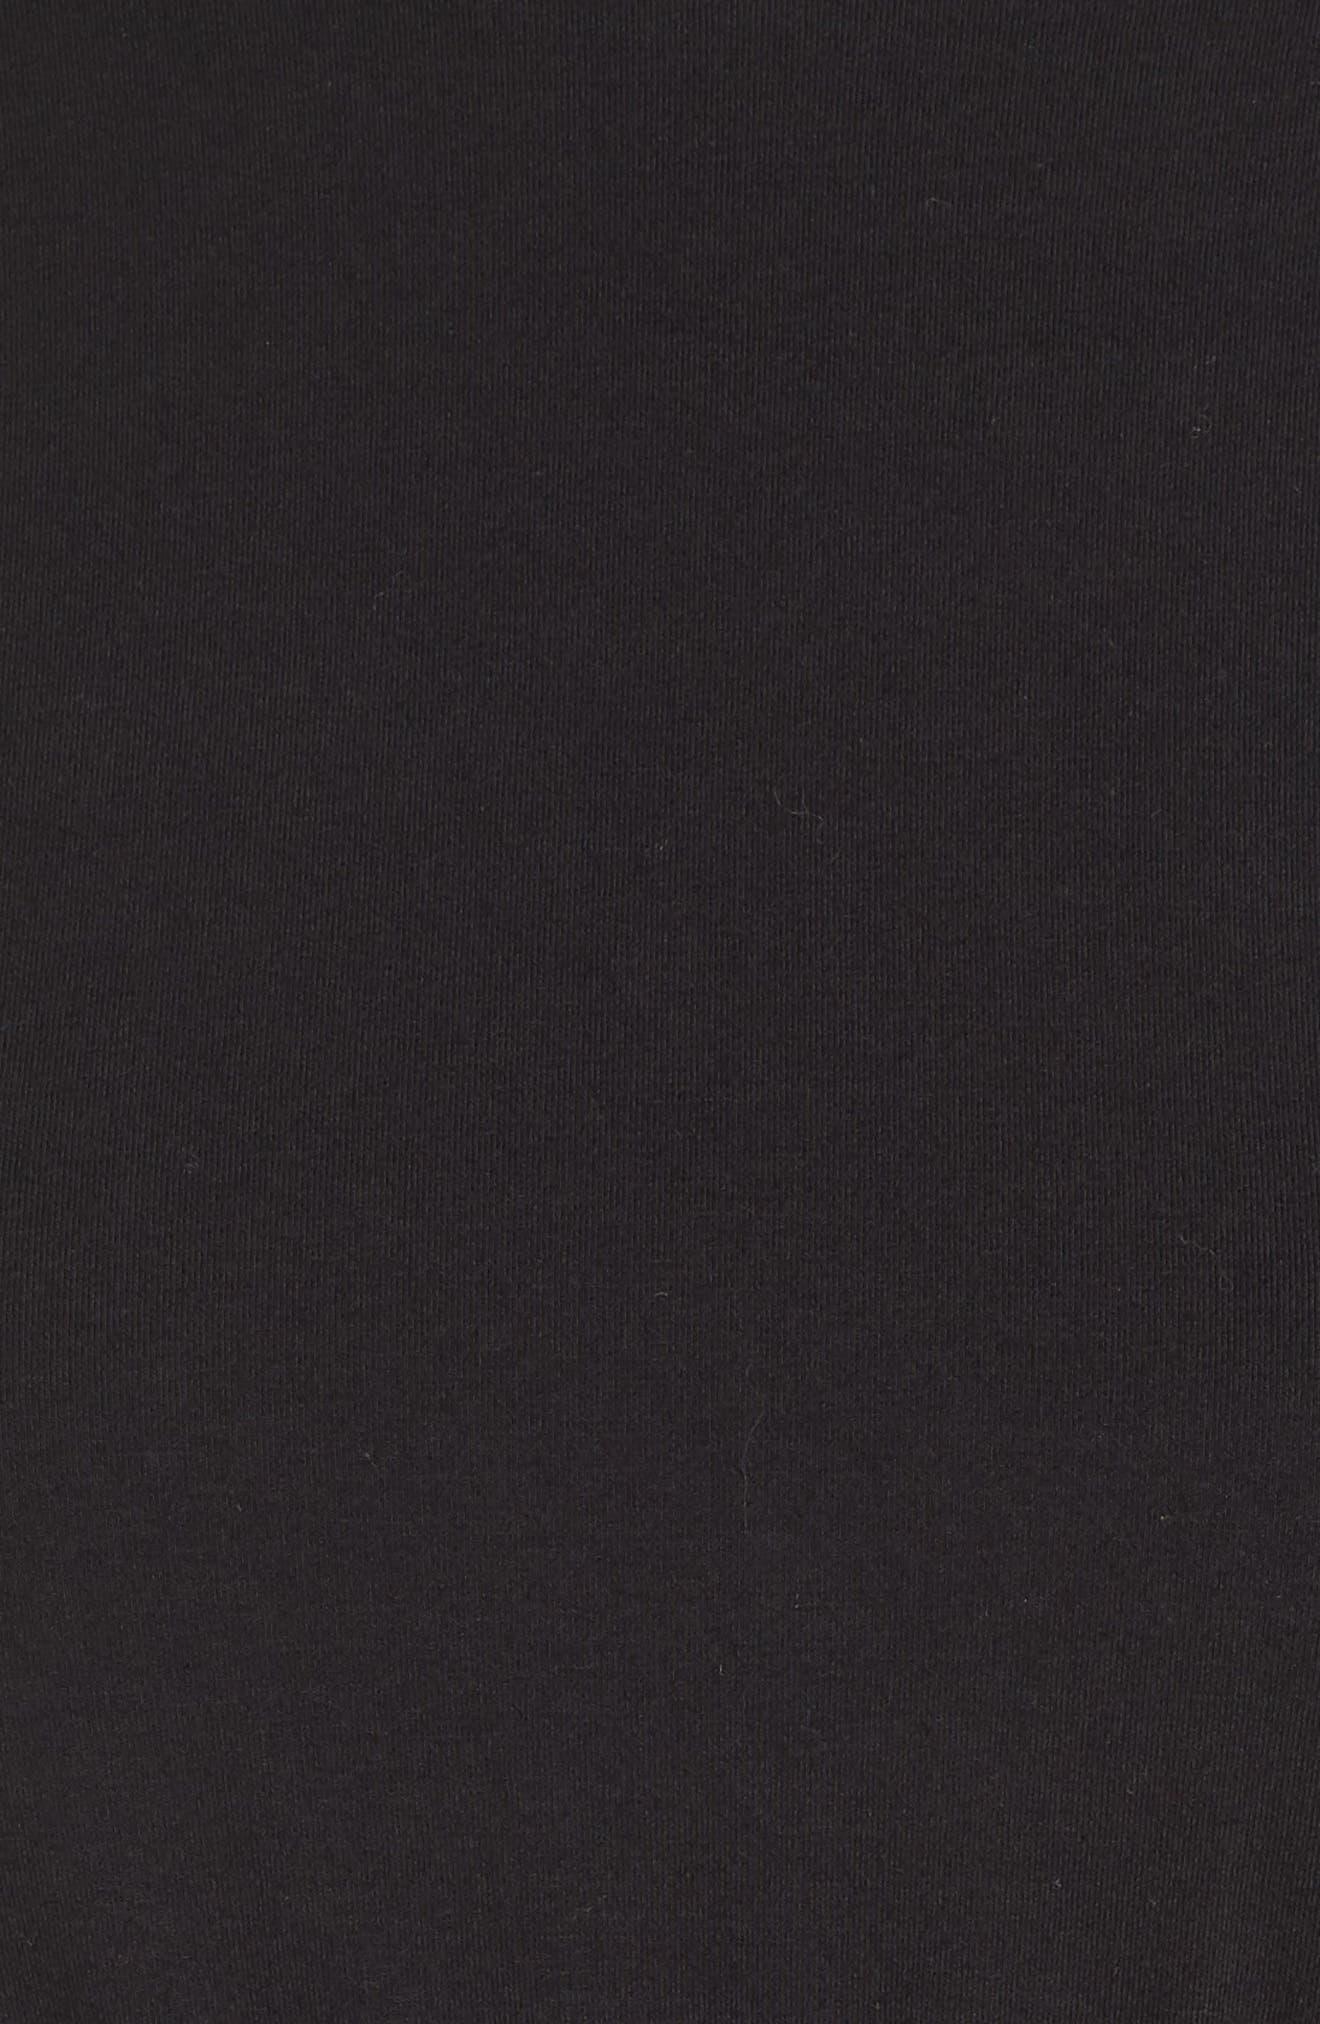 Tie Back Midi Dress,                             Alternate thumbnail 6, color,                             Black